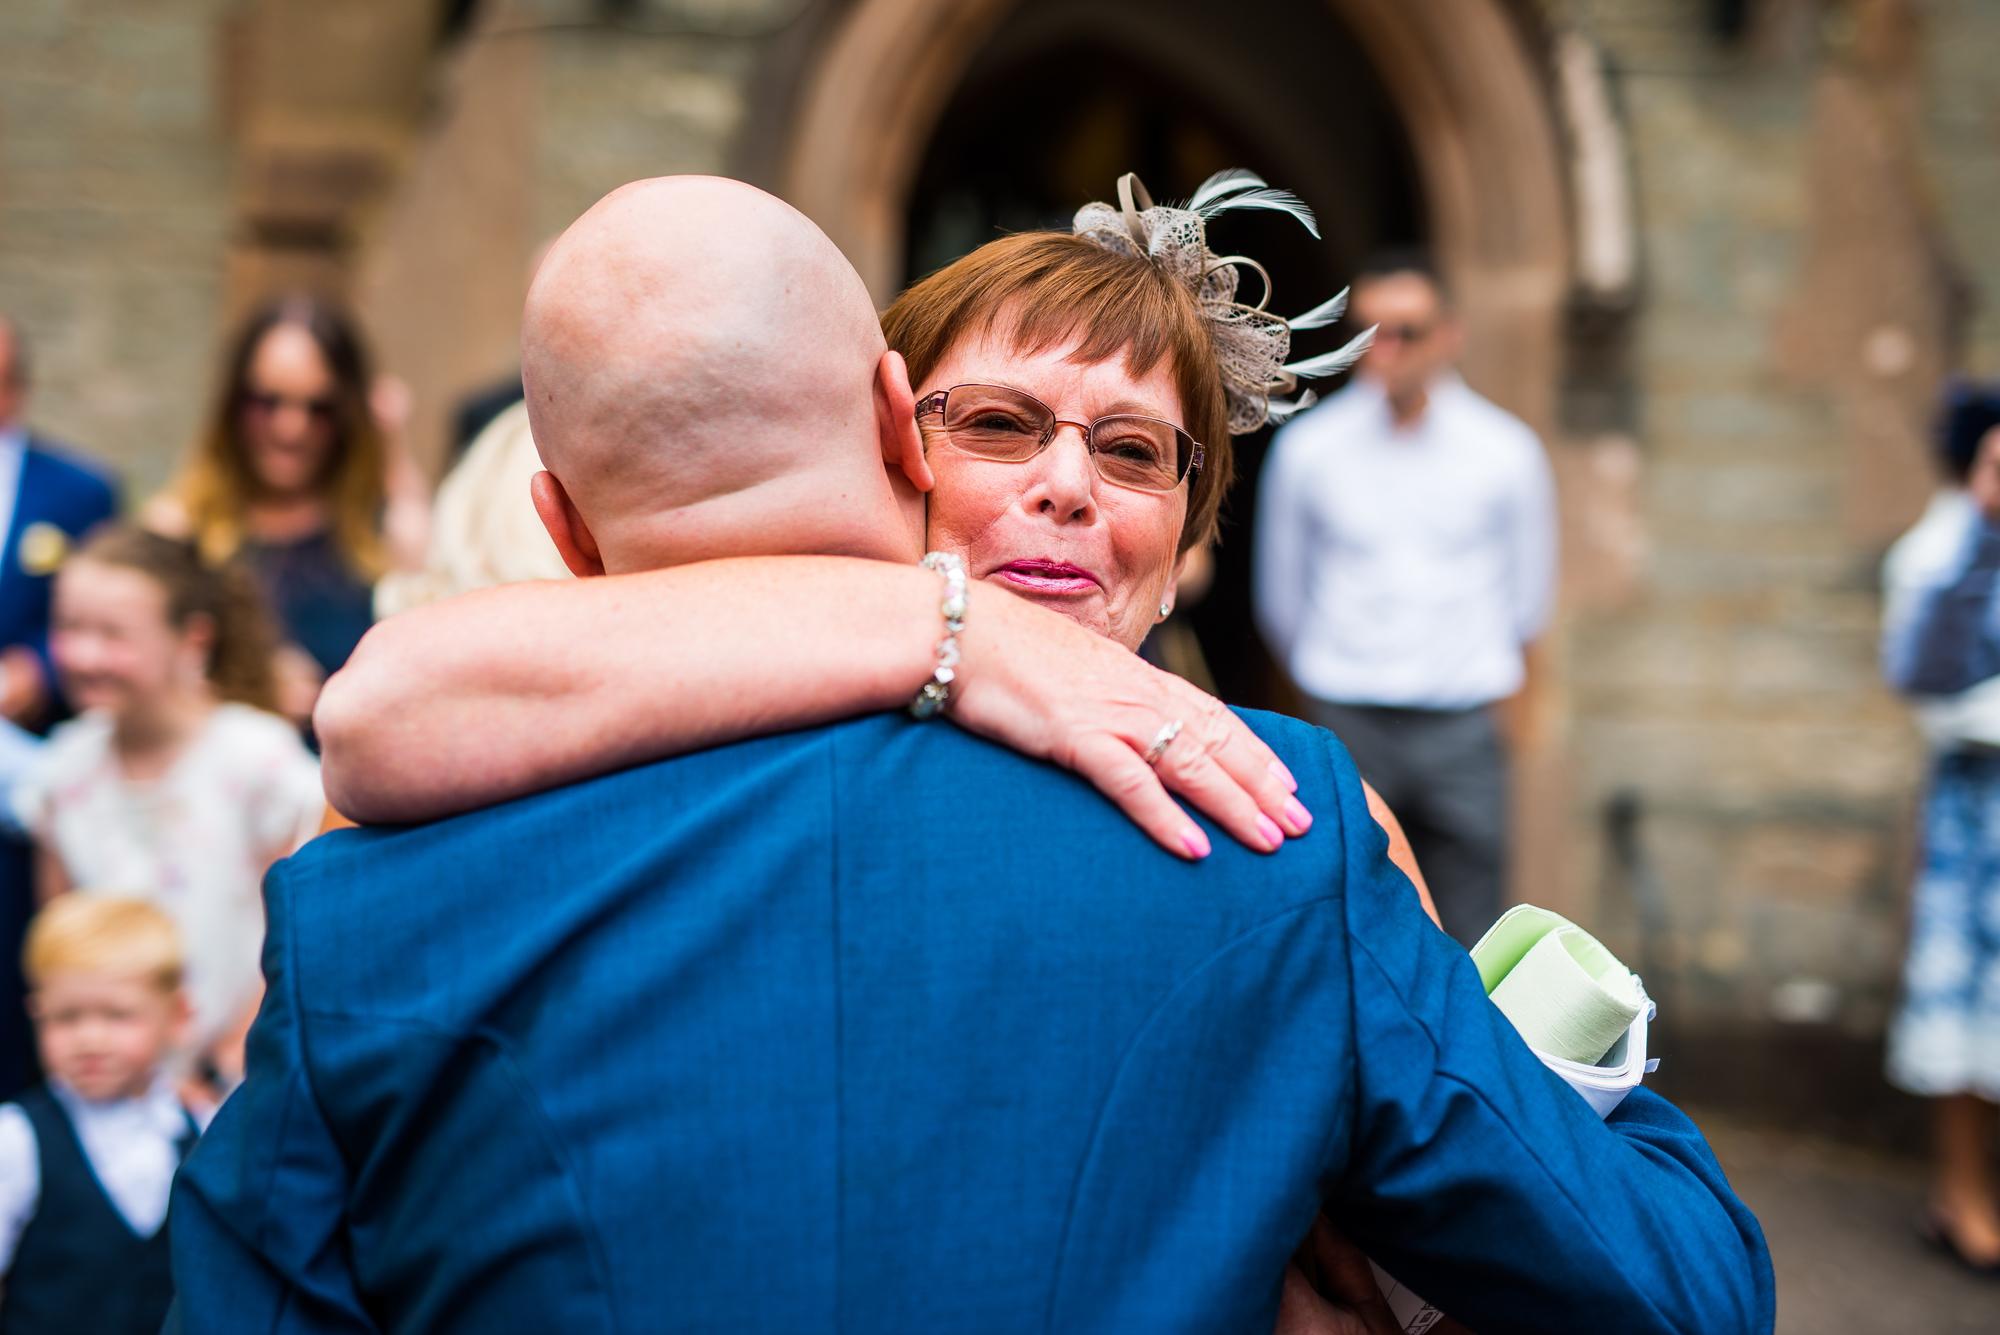 Roise and John wedding photos (173 of 383).jpg